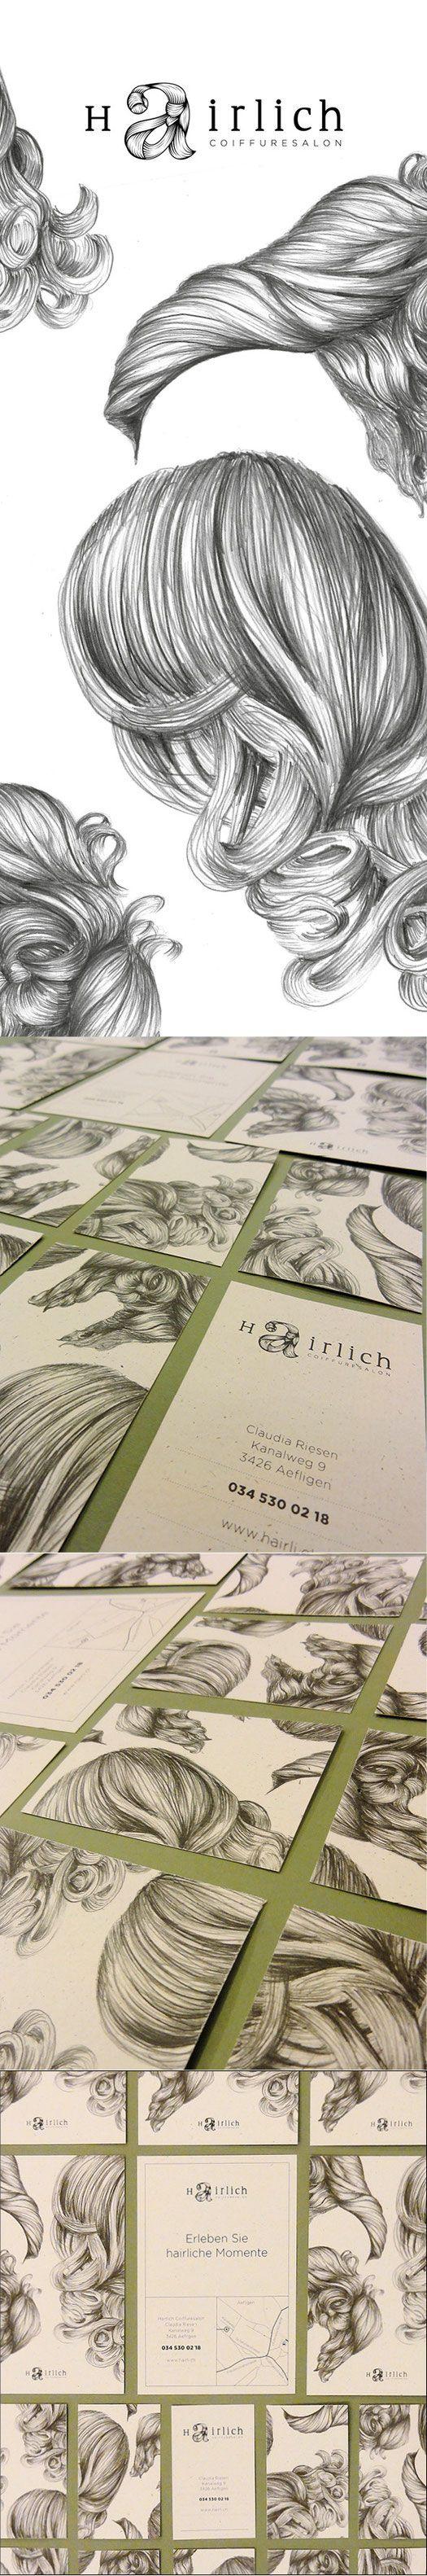 hairlich - lockedesign - Häberli Simon, Designer FH für Visuelle Kommunikation: Grafik, Illustration und Corporate Design aus Burgdorf, Schweiz